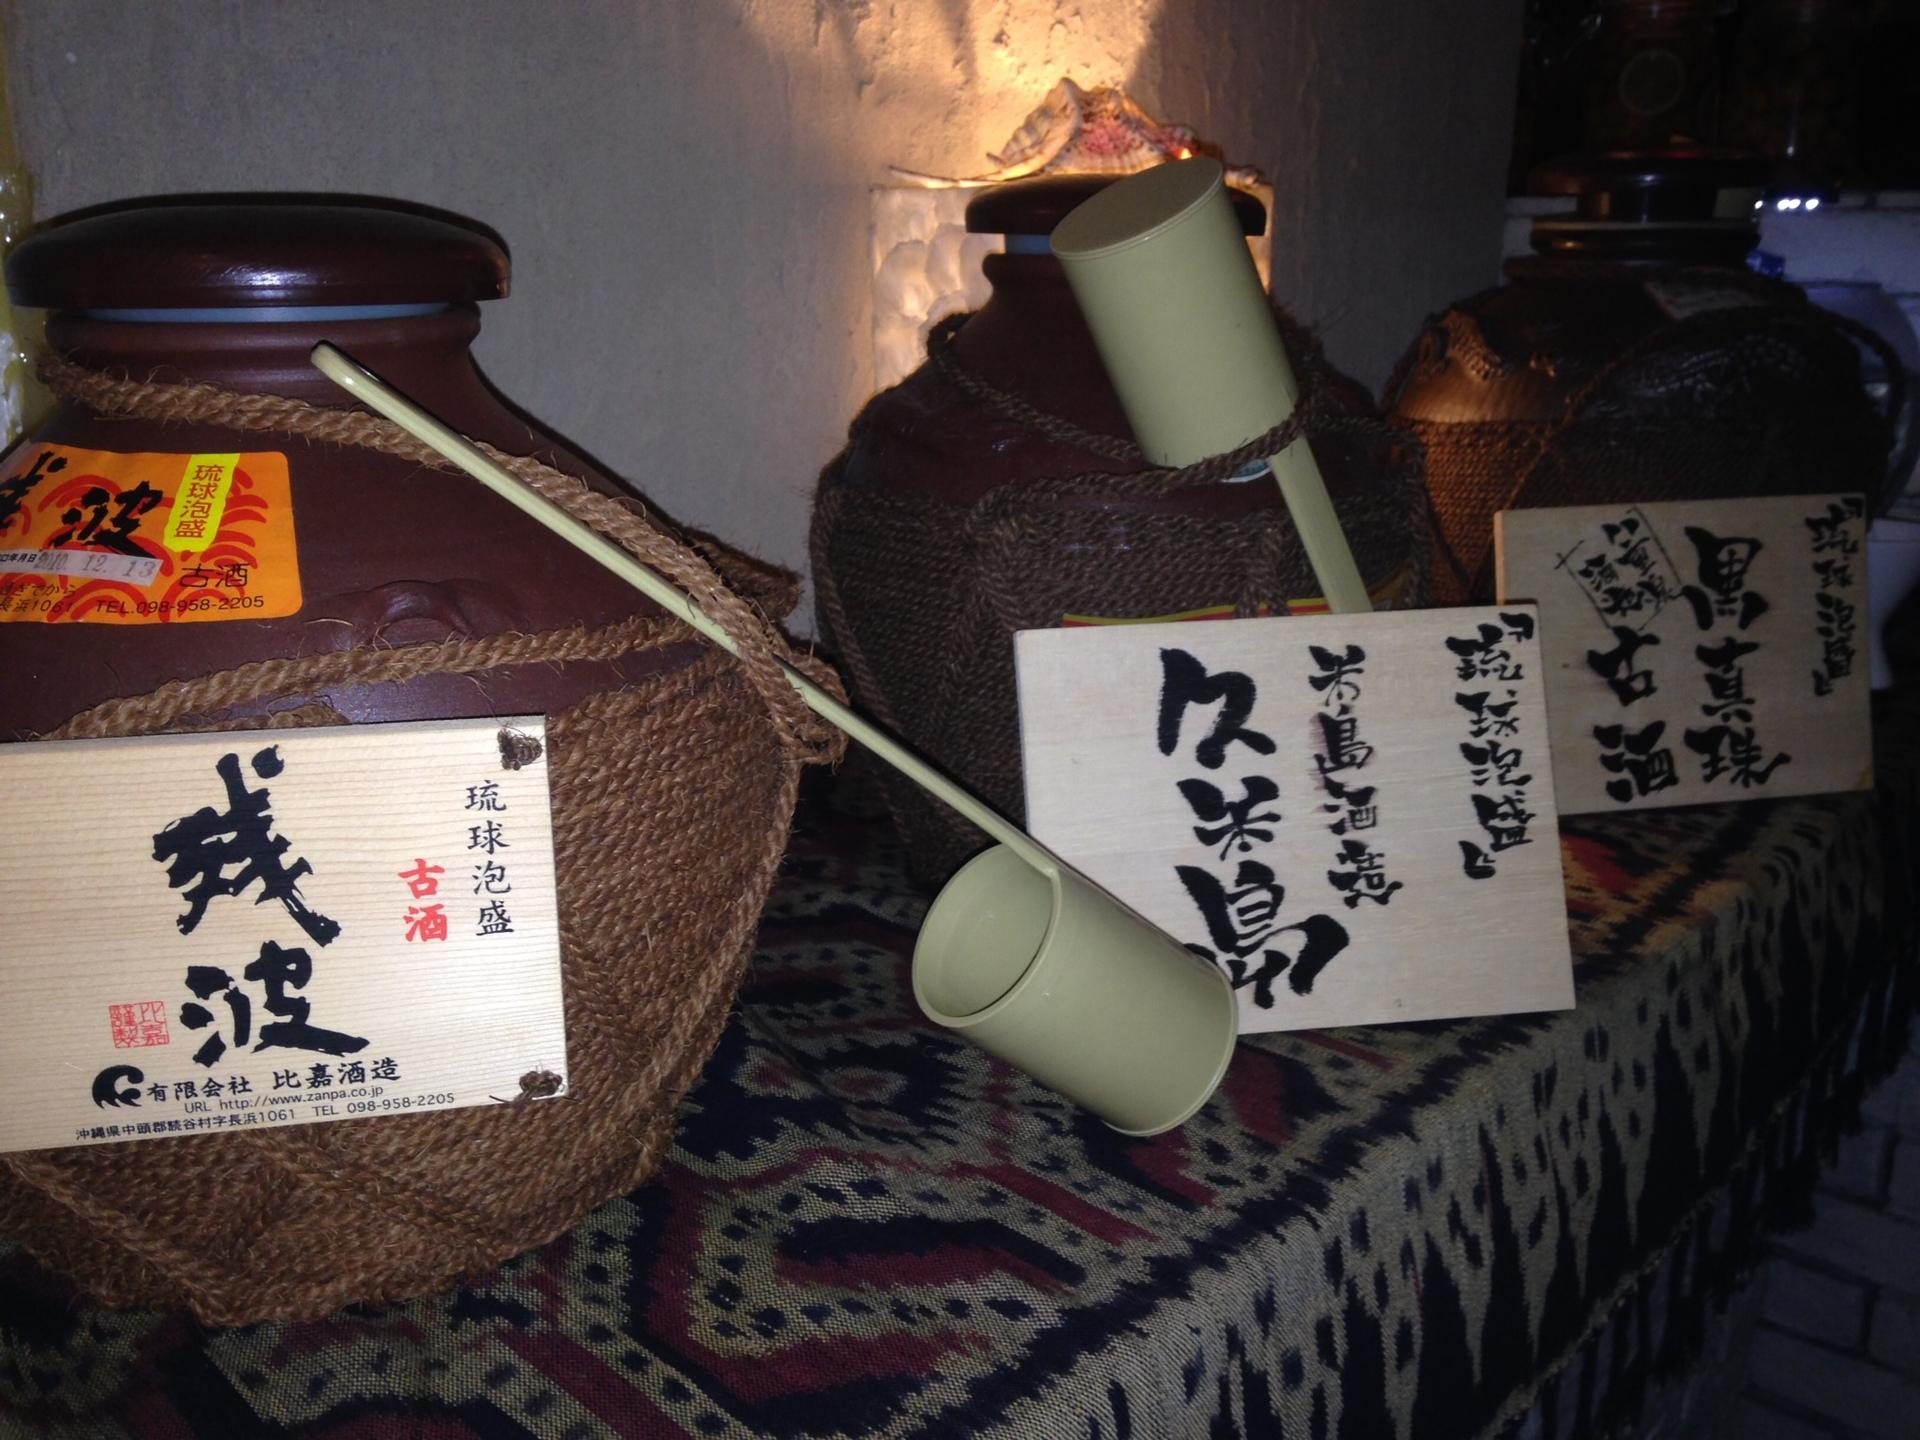 甕で保存されている古酒